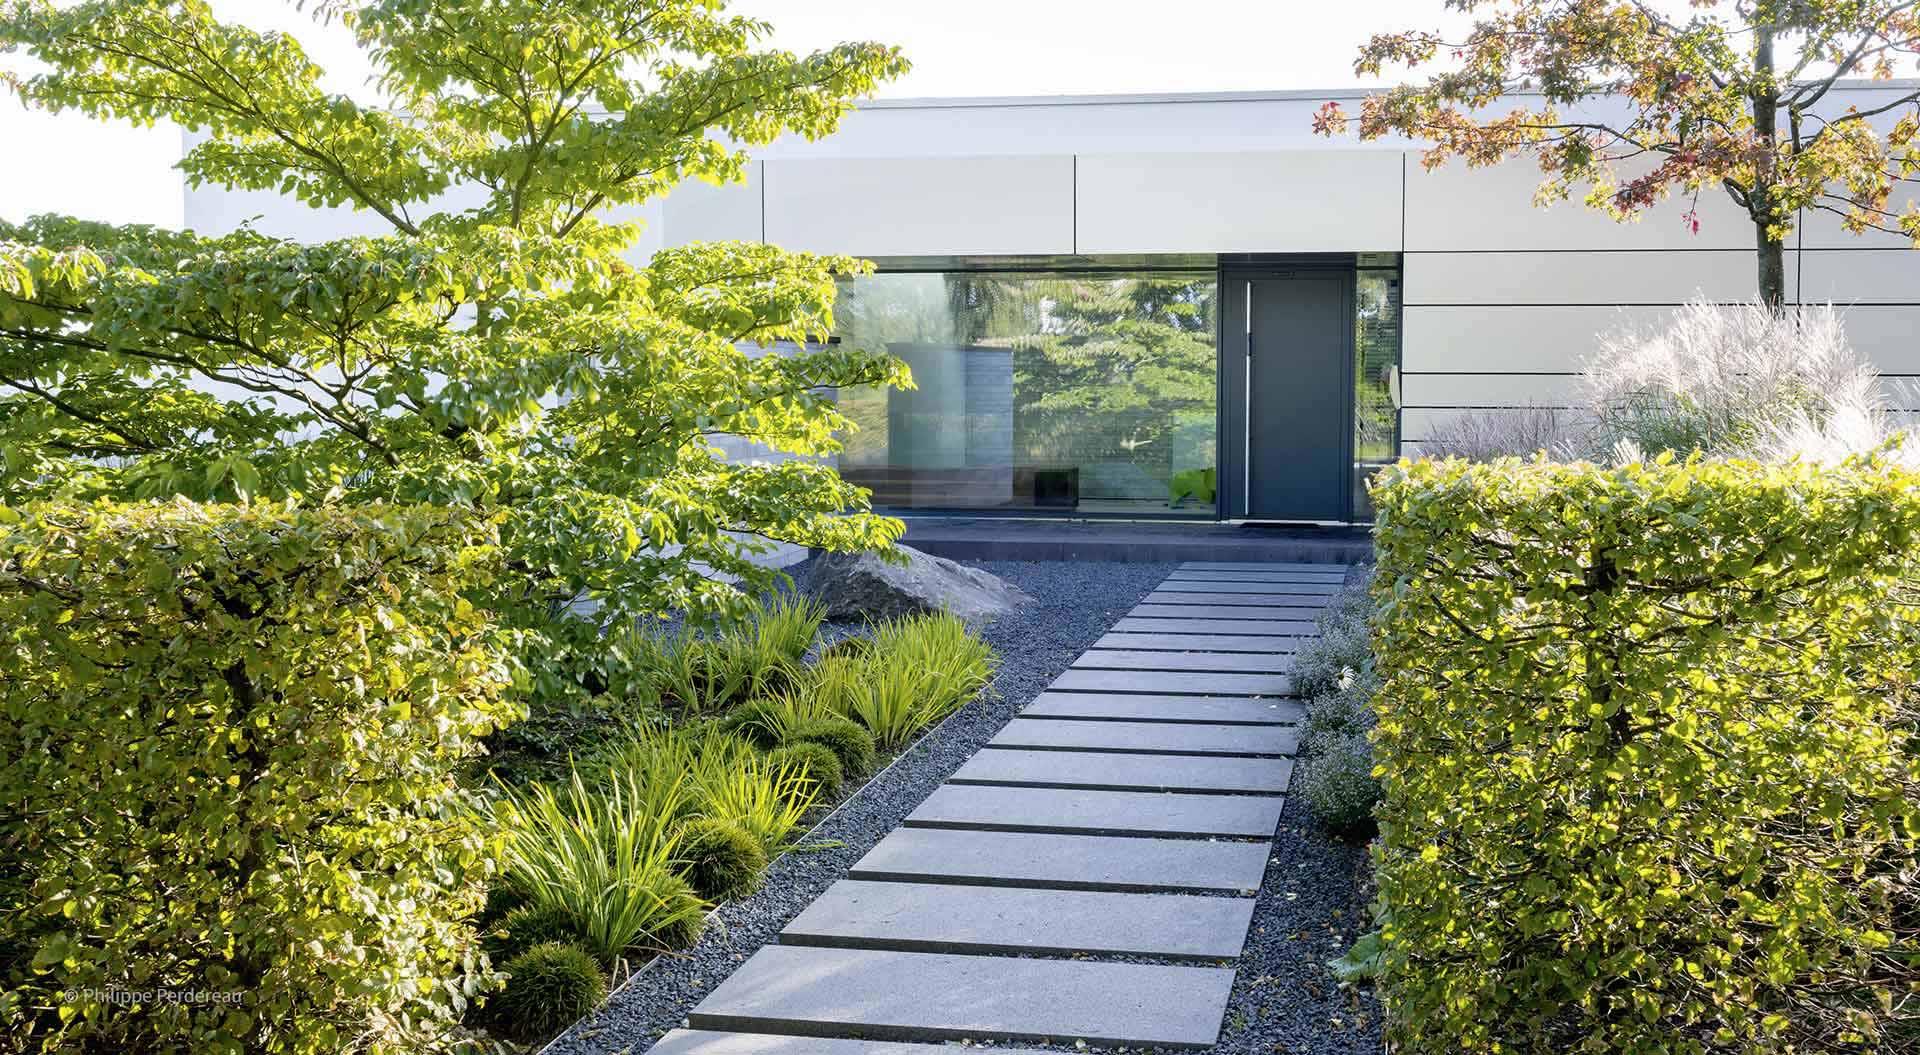 Weg zum Haus mit einzelnen Steinplatten zwischen Hecken und Pflanzen